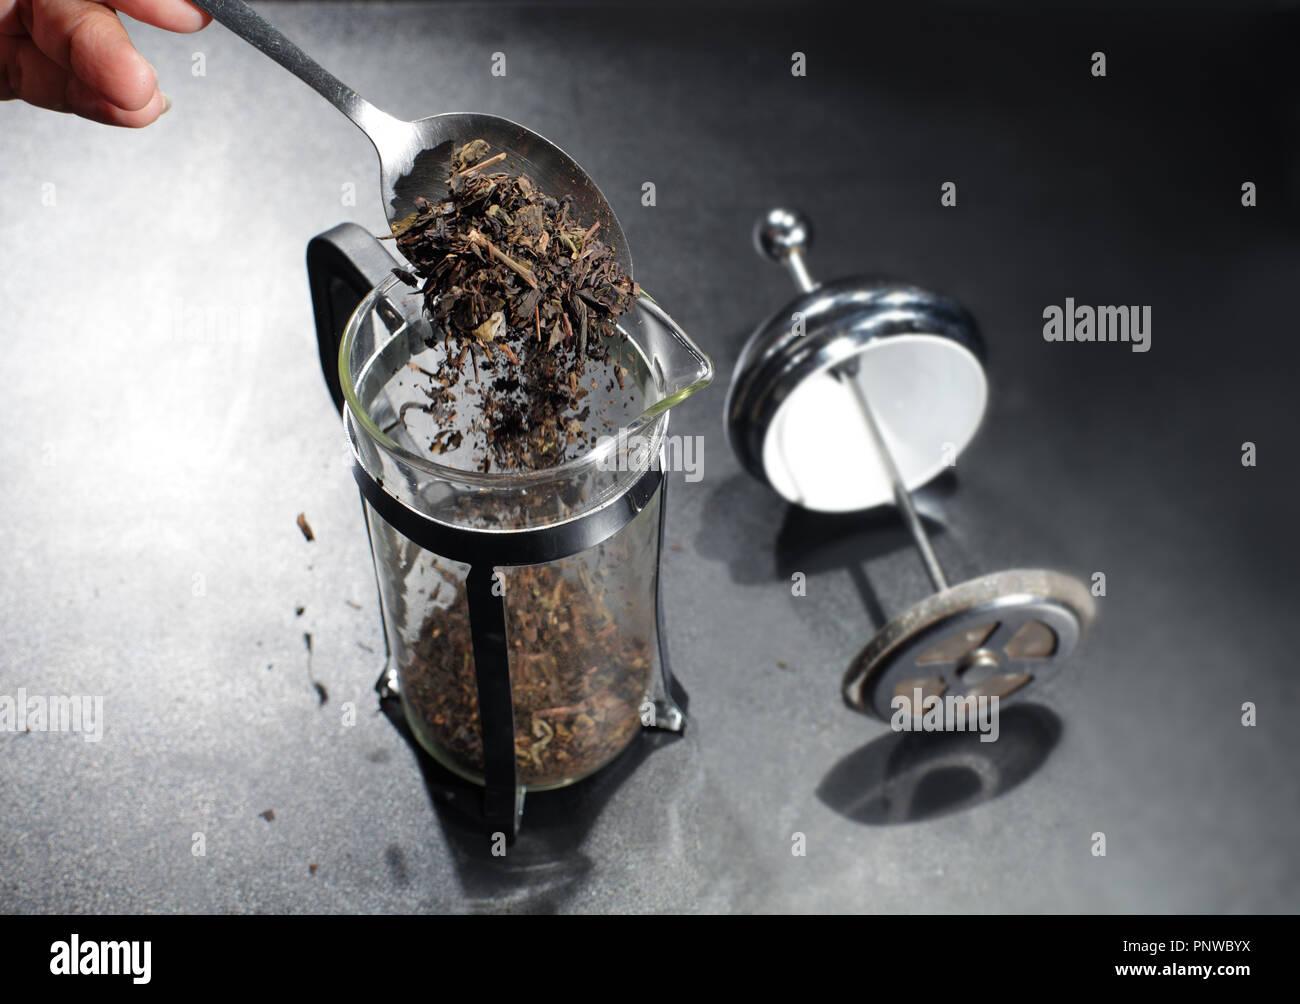 Verter el té de hierbas en la olla. Imagen De Stock